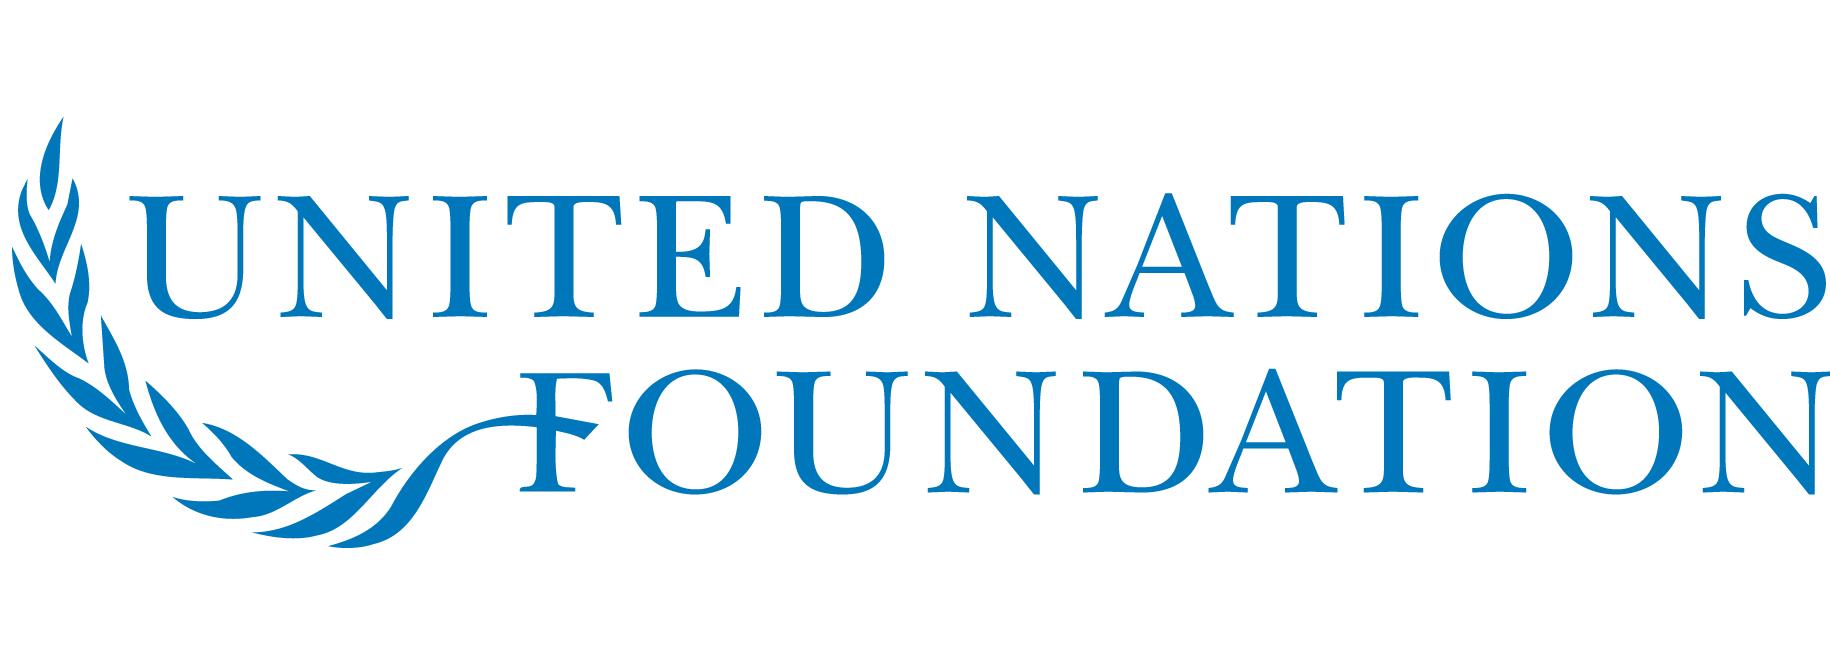 UN-Foundation - Potential - Empower Clients